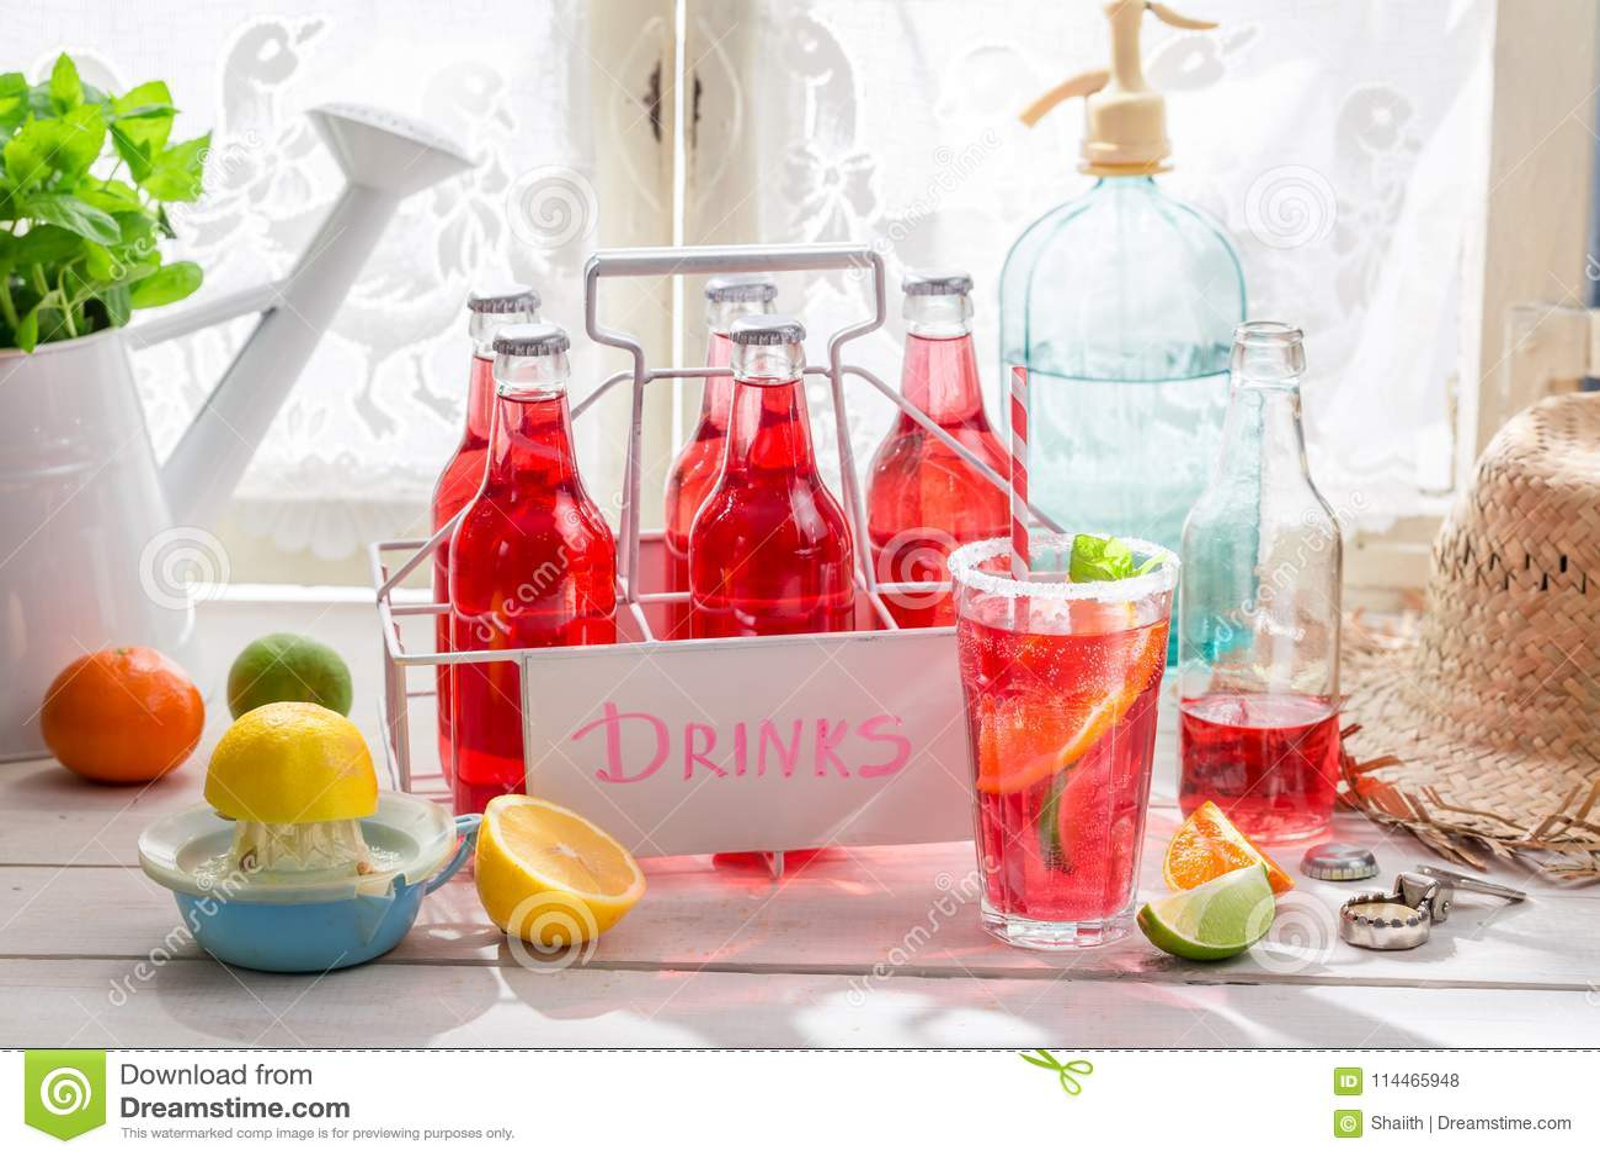 Orangeade rouge dans la bouteille avec des agrumes